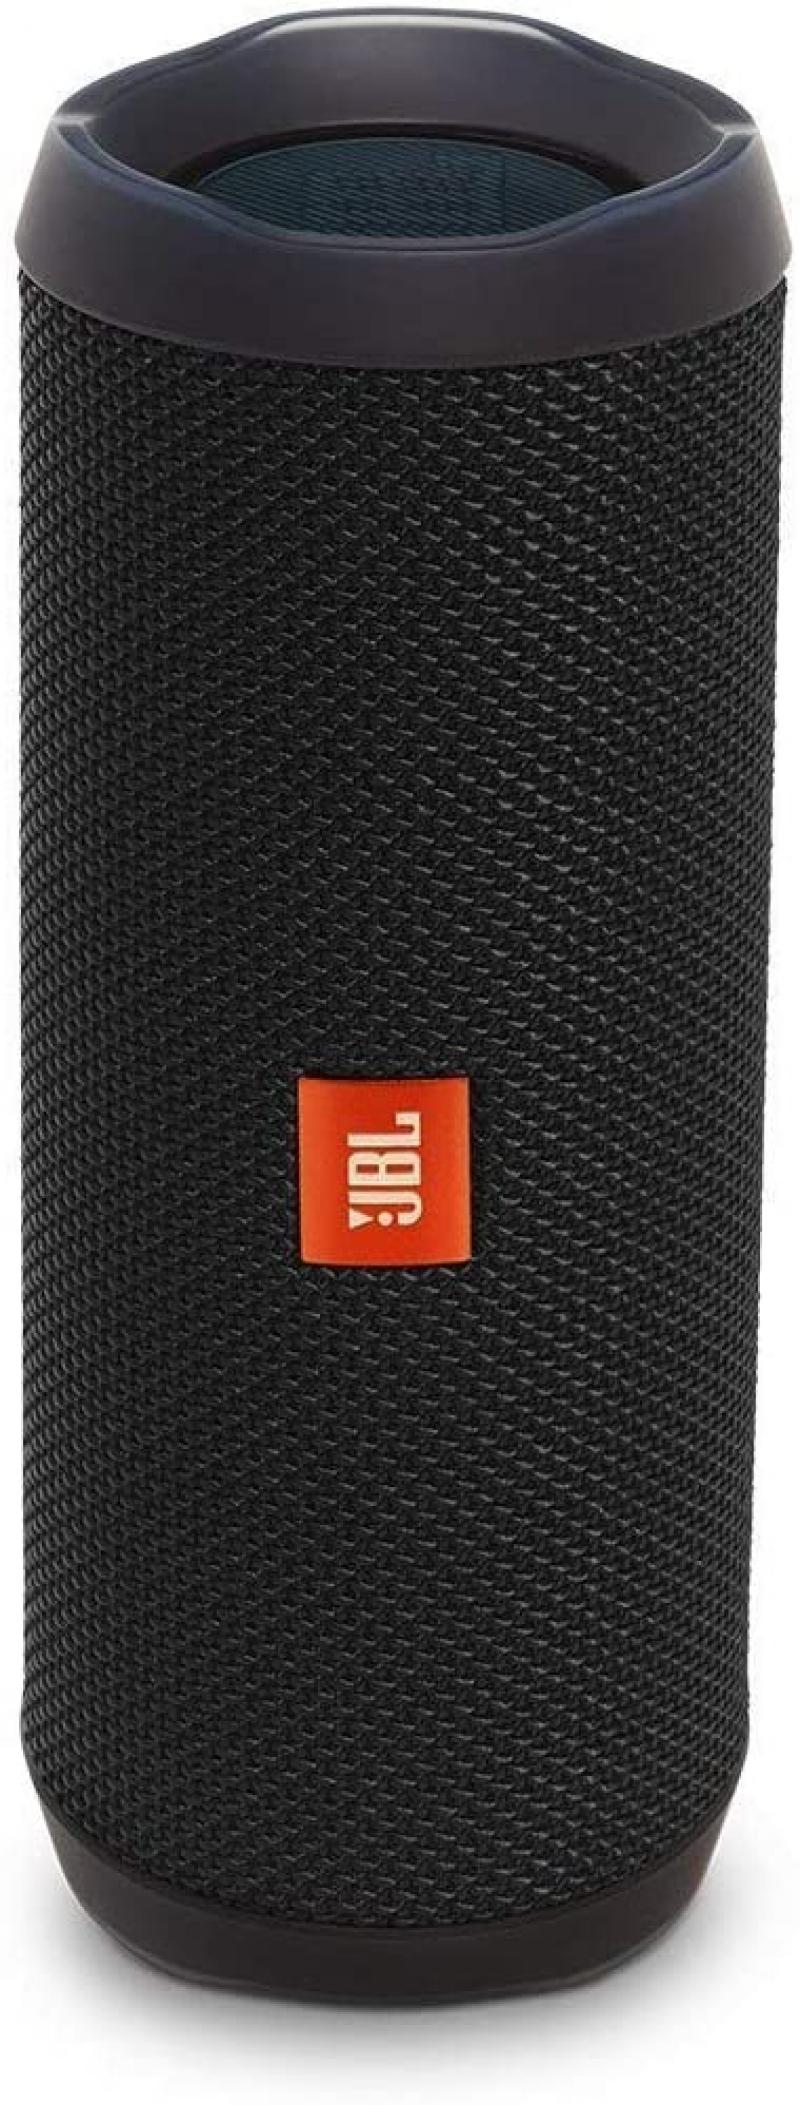 ihocon: JBL FLIP 4 Waterproof Portable Bluetooth Speaker便攜防水藍牙揚聲器